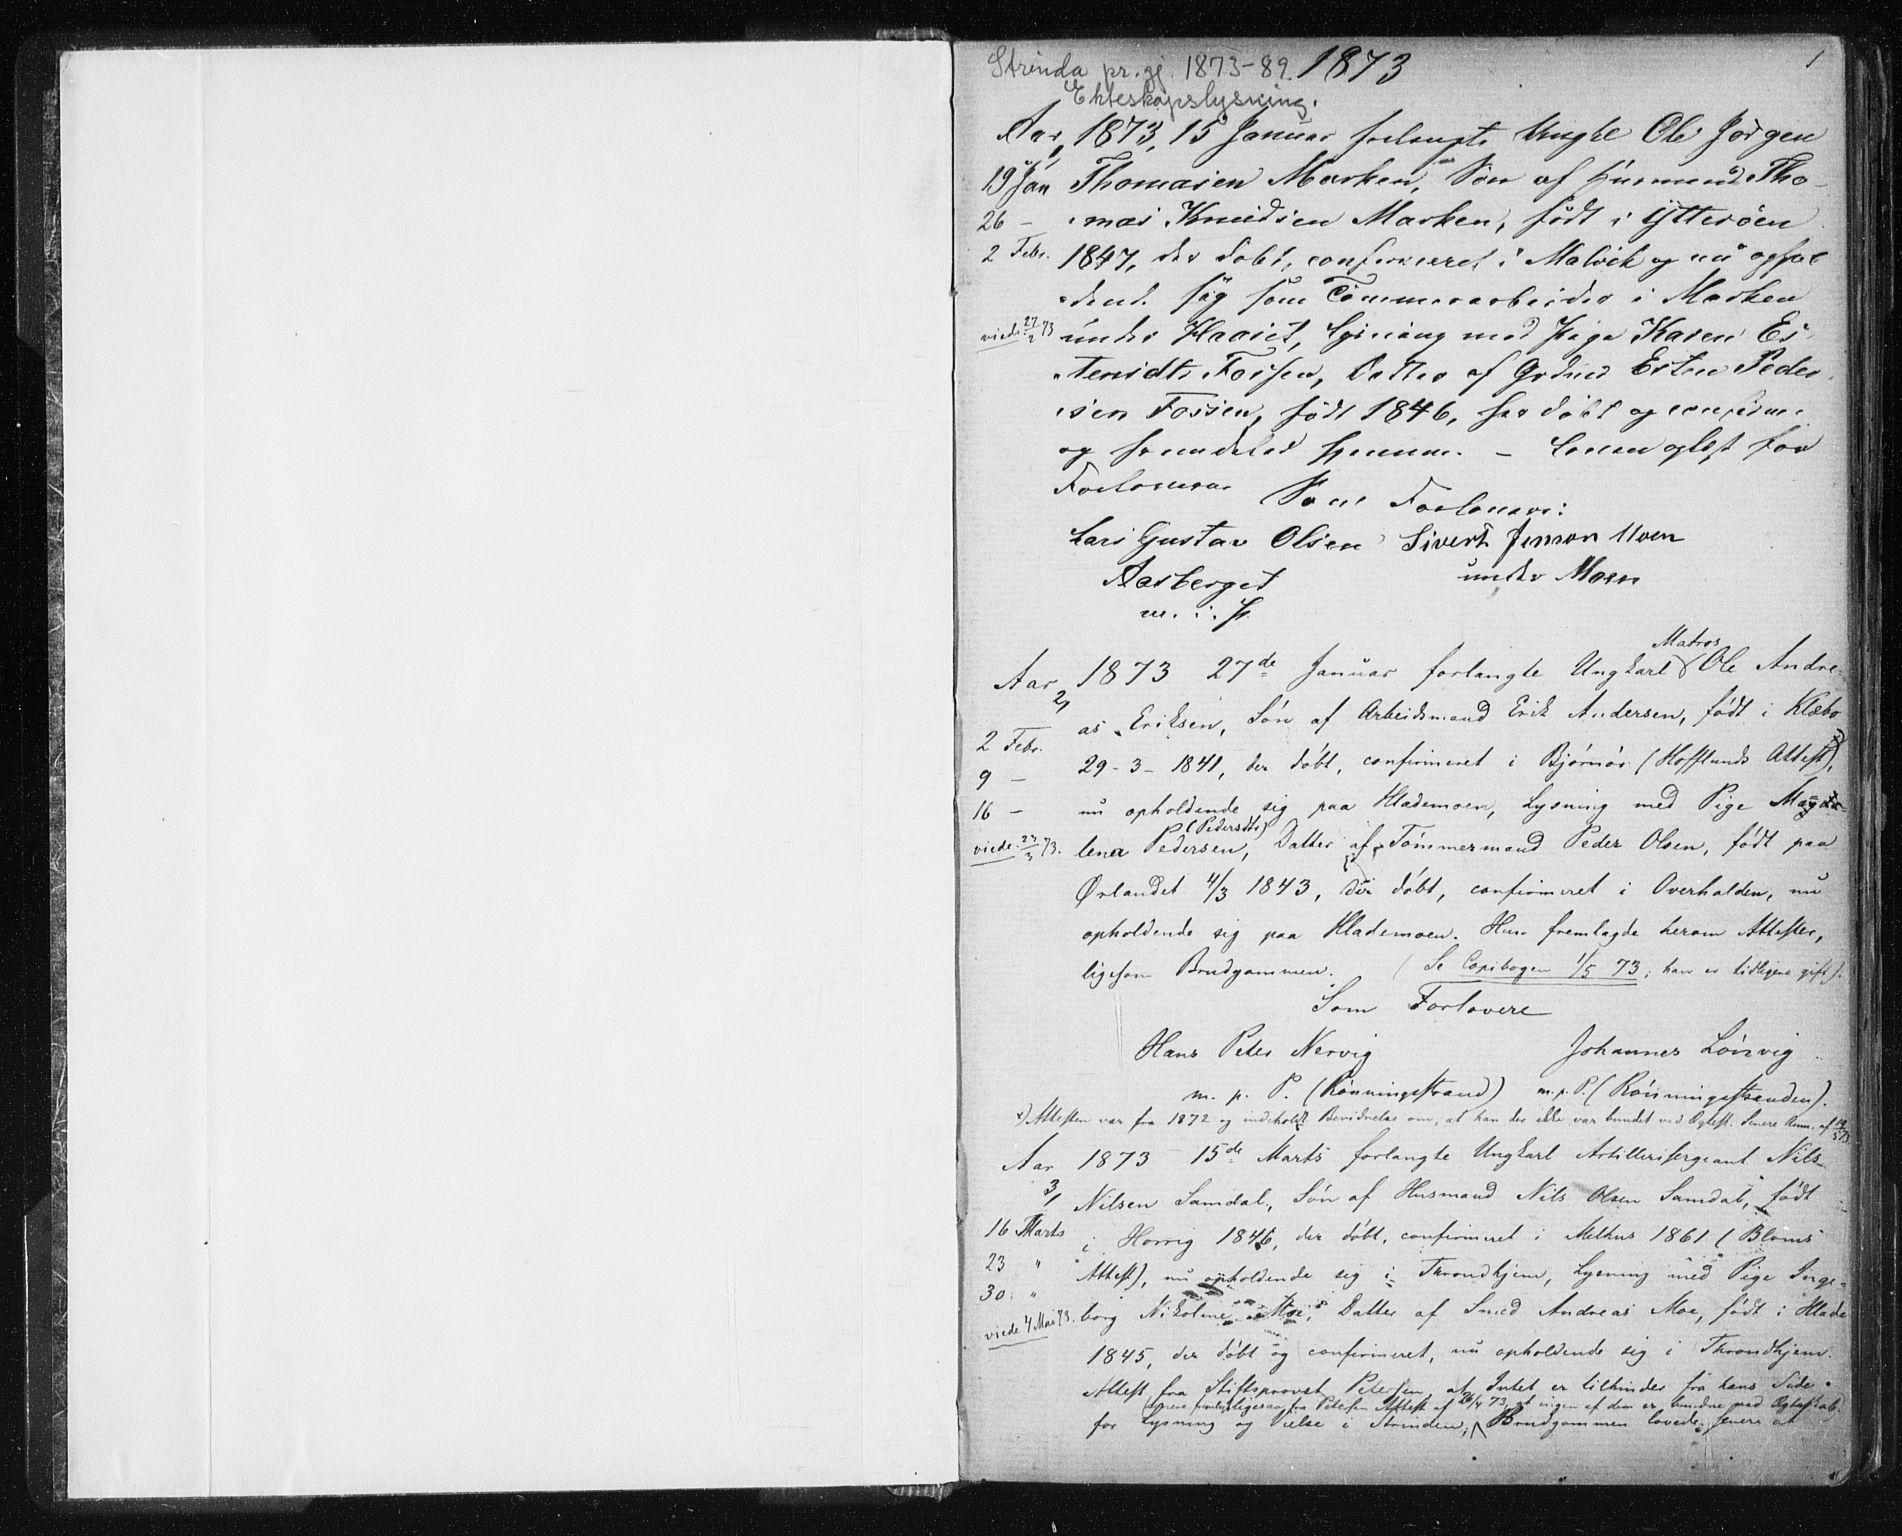 SAT, Ministerialprotokoller, klokkerbøker og fødselsregistre - Sør-Trøndelag, 606/L0299: Lysningsprotokoll nr. 606A14, 1873-1889, s. 1